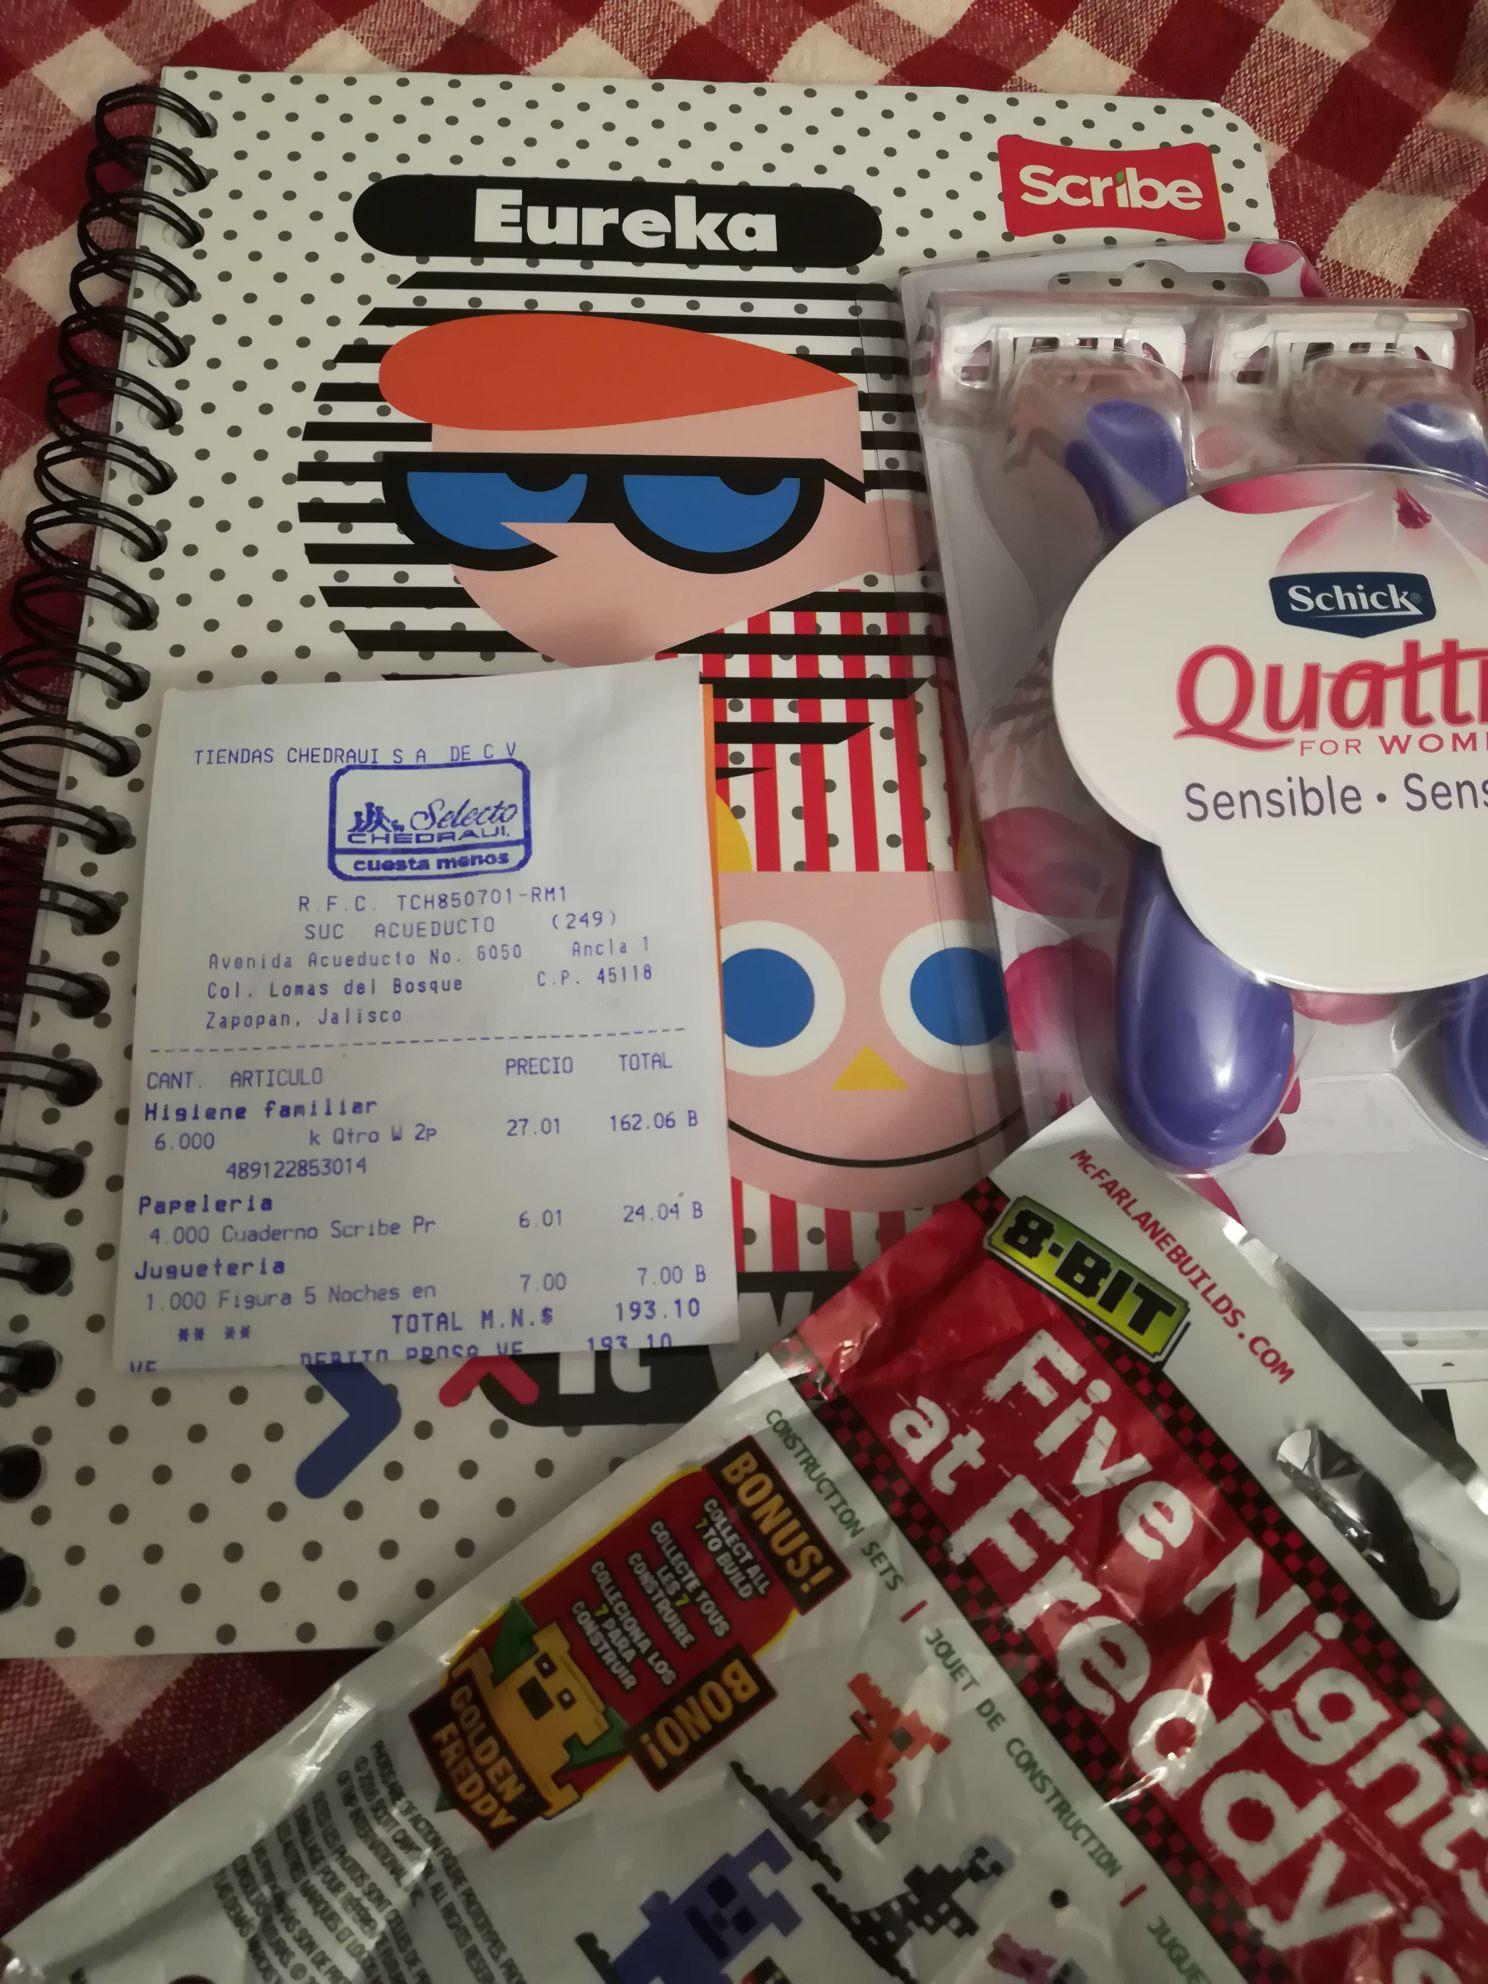 Chedraui: Cuaderno Scribe, juguete y rastrillo